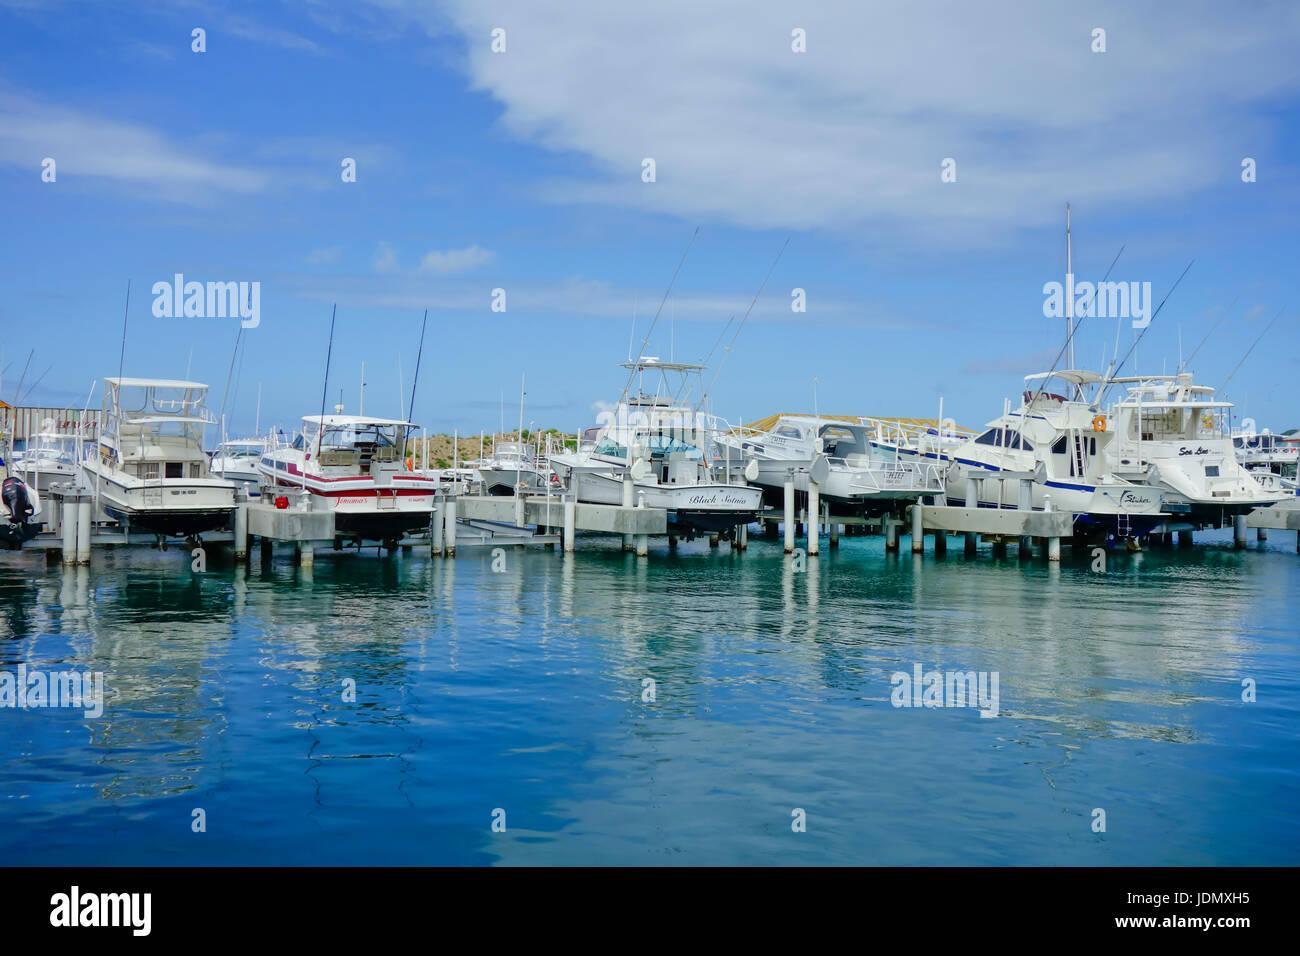 Sint Maarten Stock Photos & Sint Maarten Stock Images - Alamy